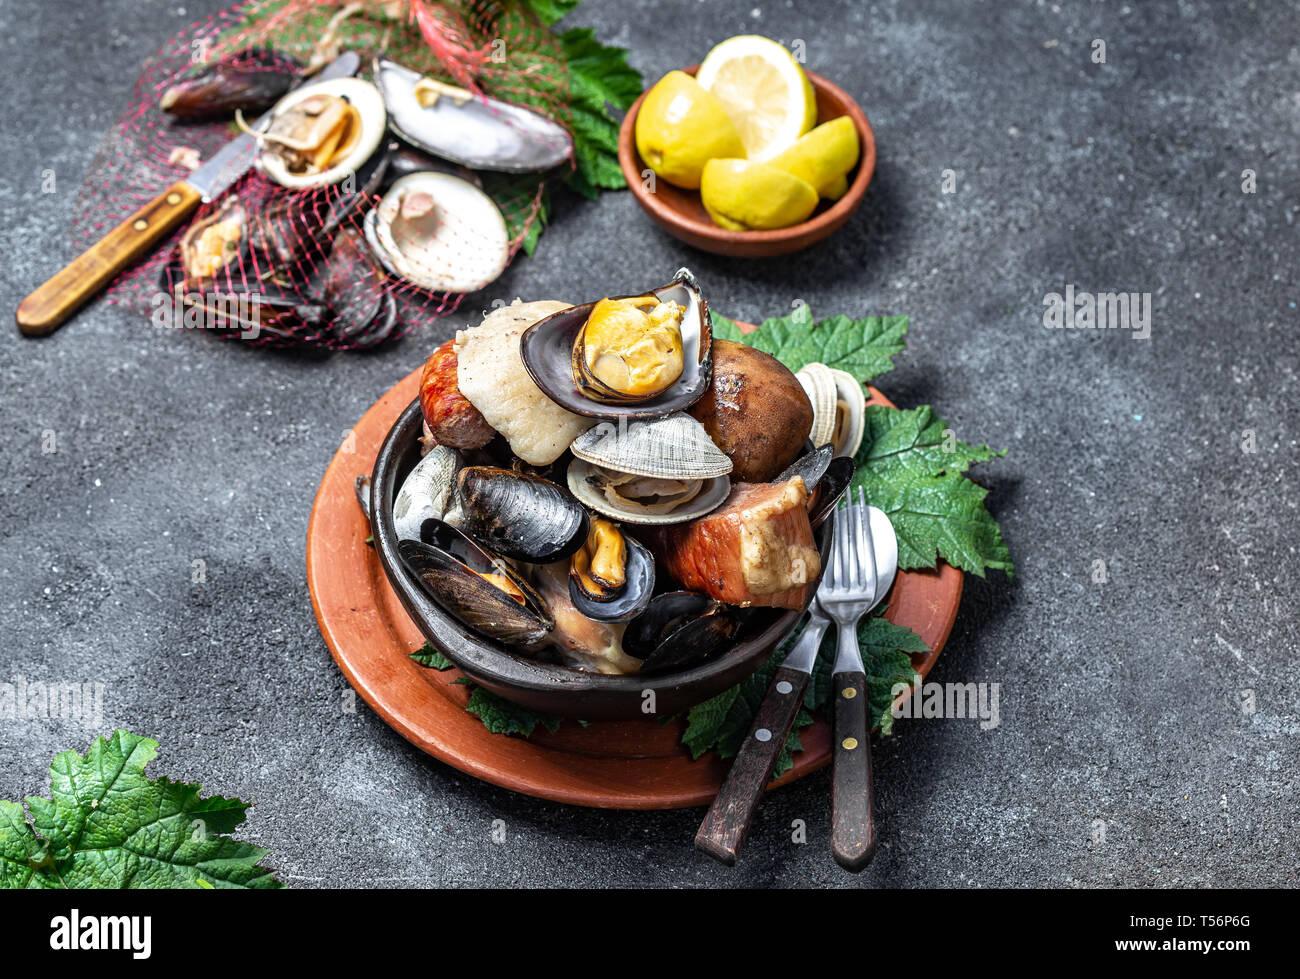 Curanto En Hoyo Food